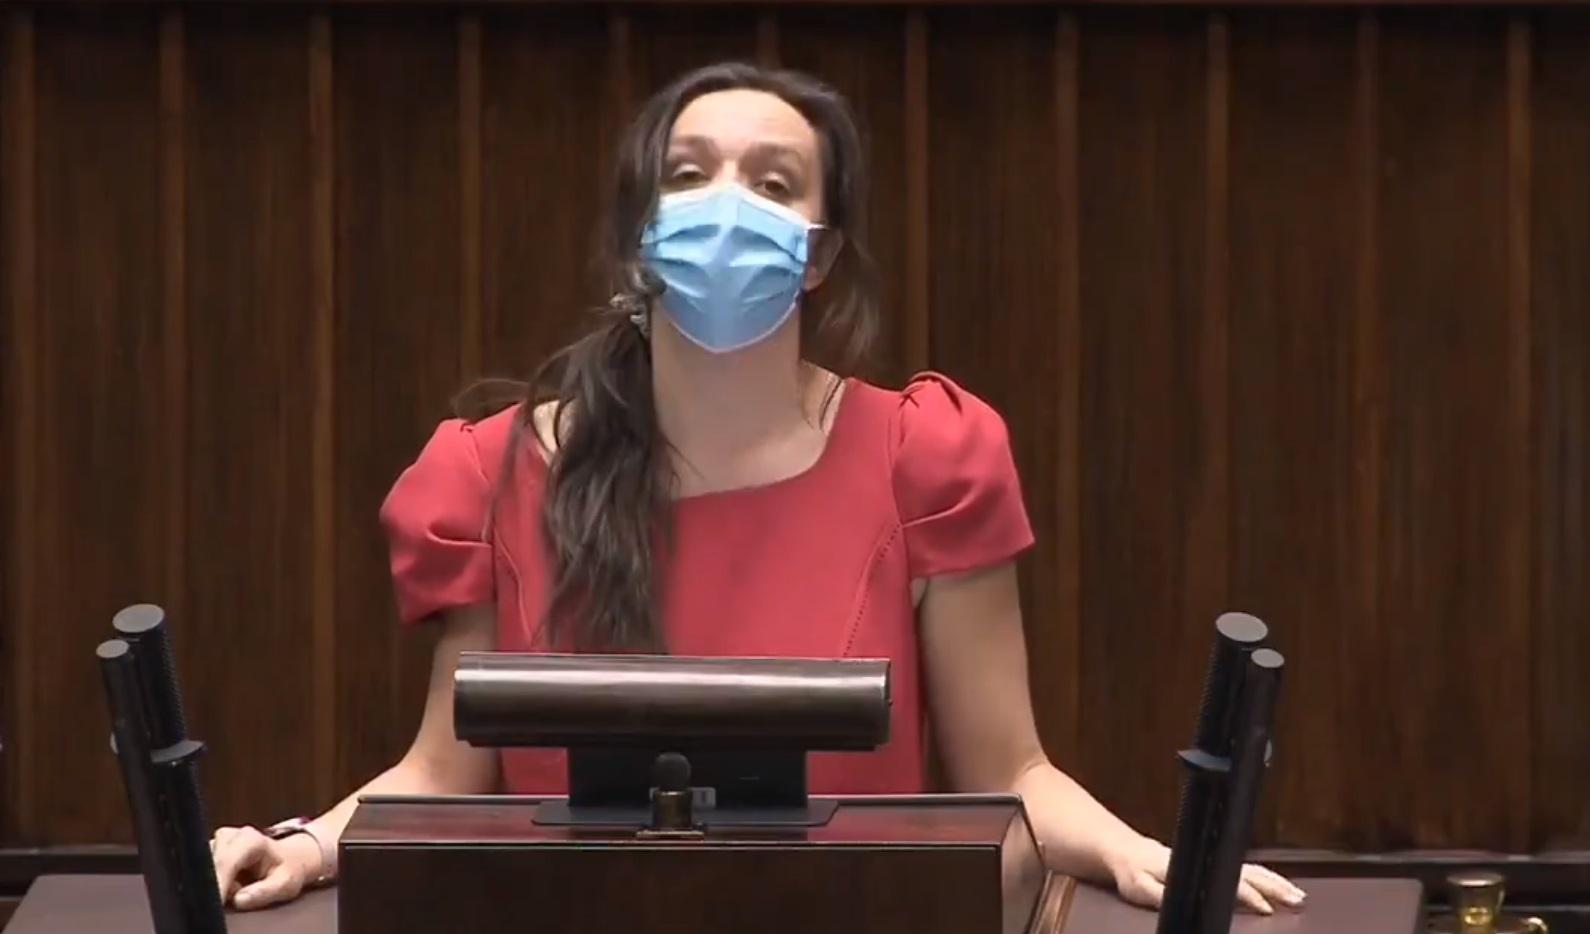 Klaudia Jachira po swoim przemówienie w Sejmie została ośmieszona przez krótki komentarz jakiego dopuścił się wicemarszałek Terlecki